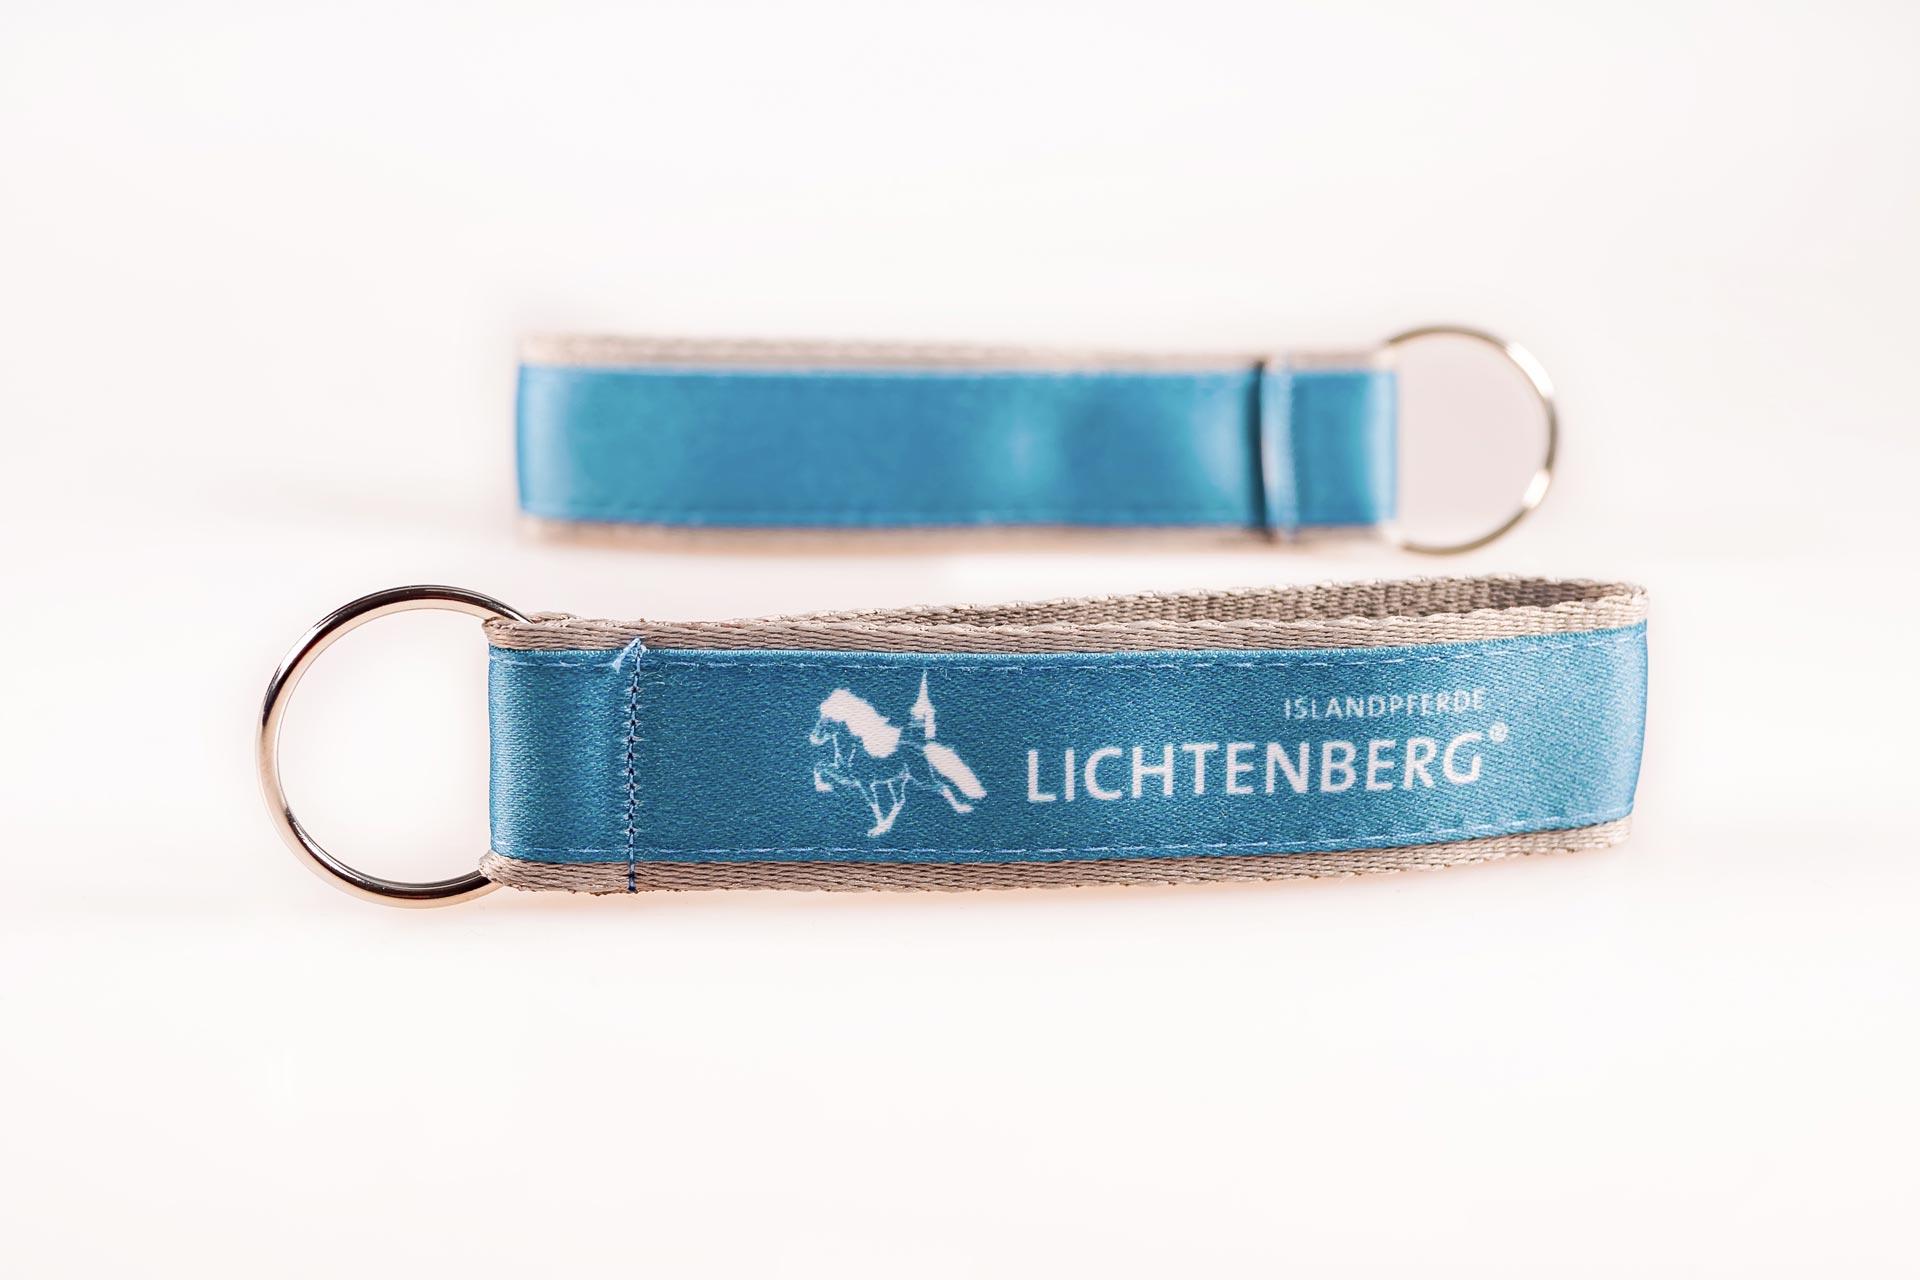 Schluesselanhaenger Bedrucken Logo Filz Alternative Shortstrap Guenstig Kaufen 25mm Doppelband Band Auf Band Satinband Blau Grau